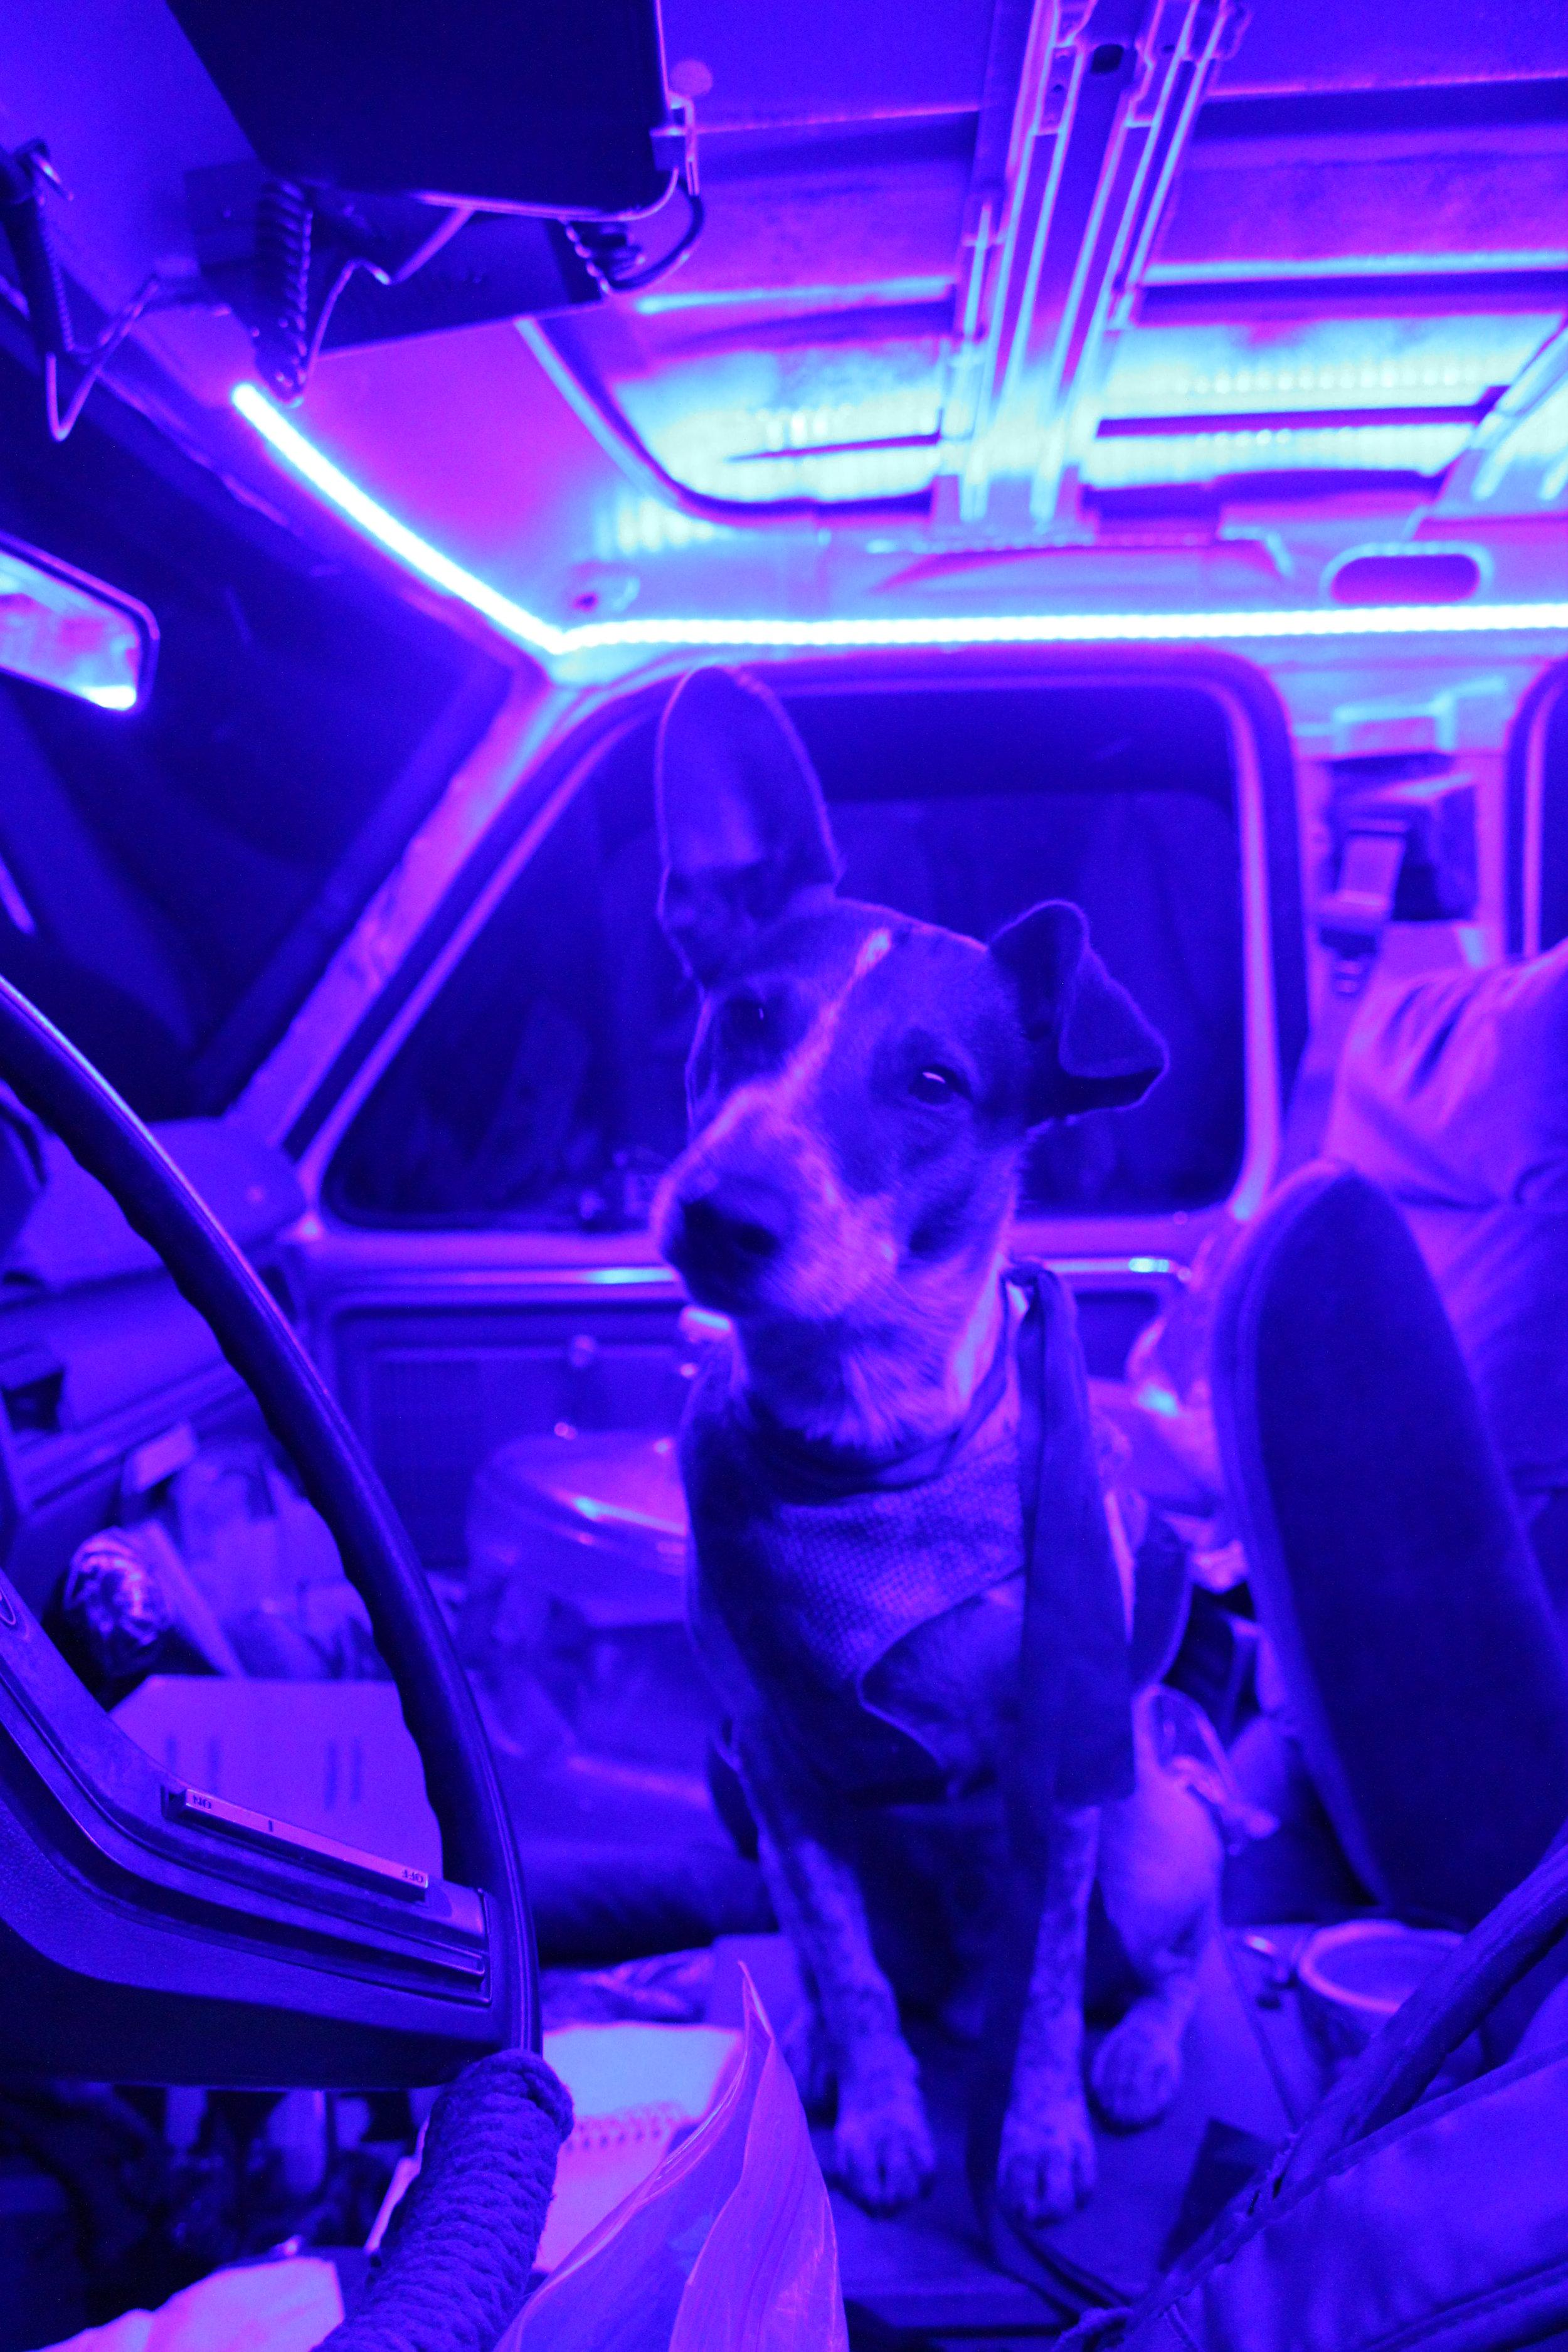 20150808 Yarnbeast Blue Light Special Truck (1).JPG